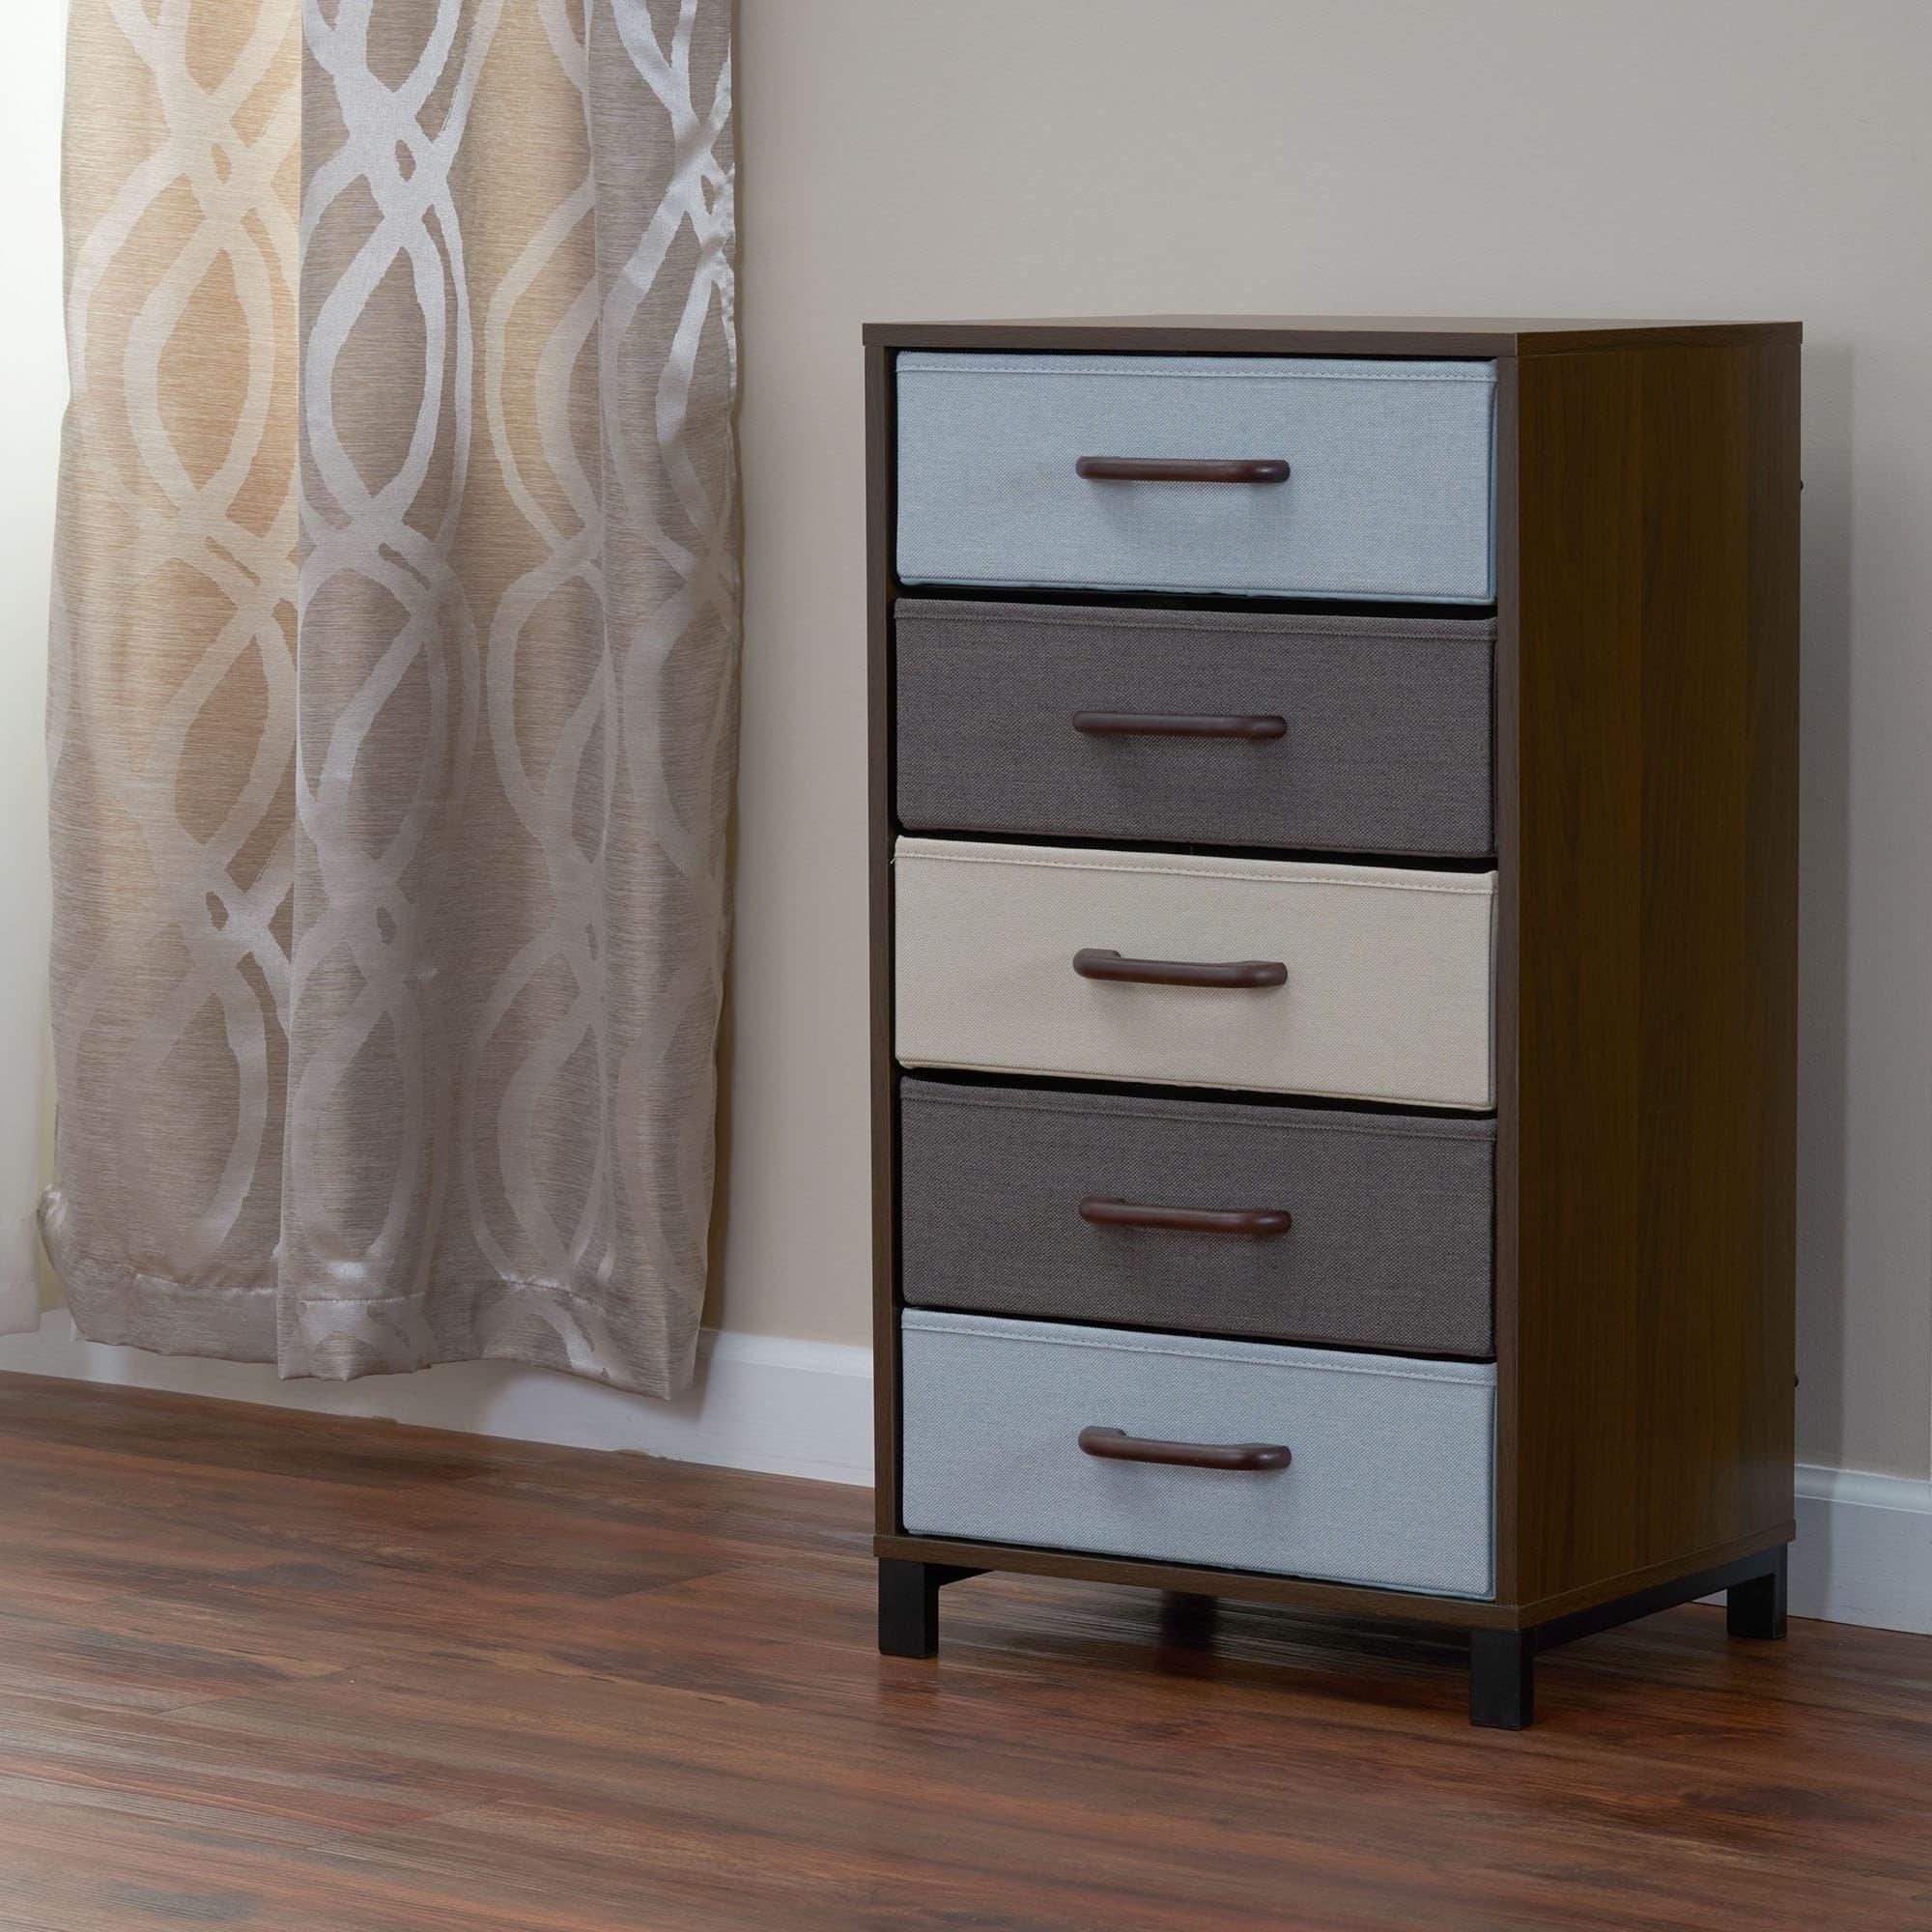 Household Essentials 8015-1 Wooden 5 Drawer Dresser   Storage Night Stand   Mahoganey by Household Essentials